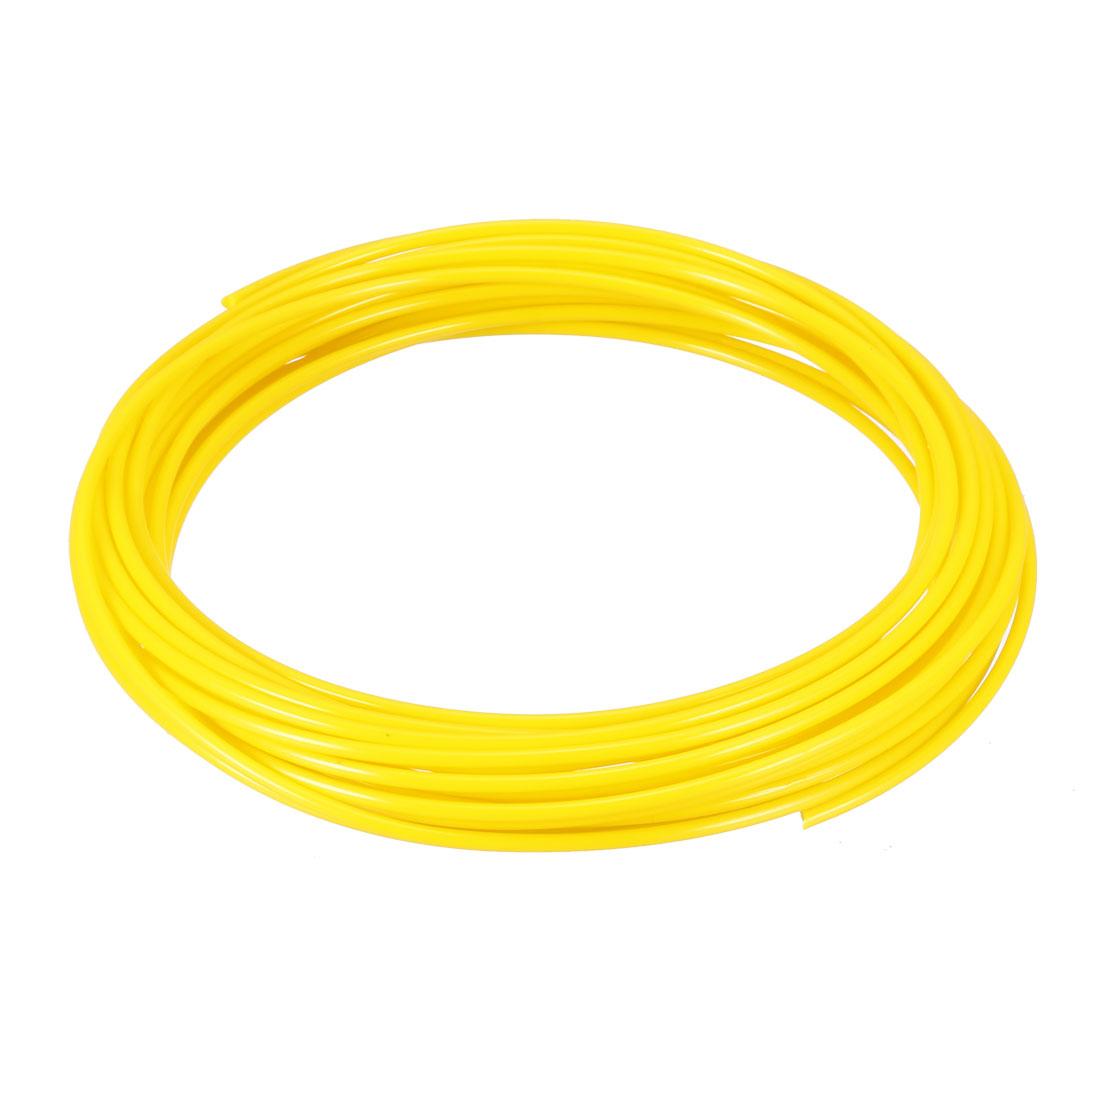 5 Meter/16 Ft PLA 3D Pen/3D Printer Filament, 1.75 mm Yellow